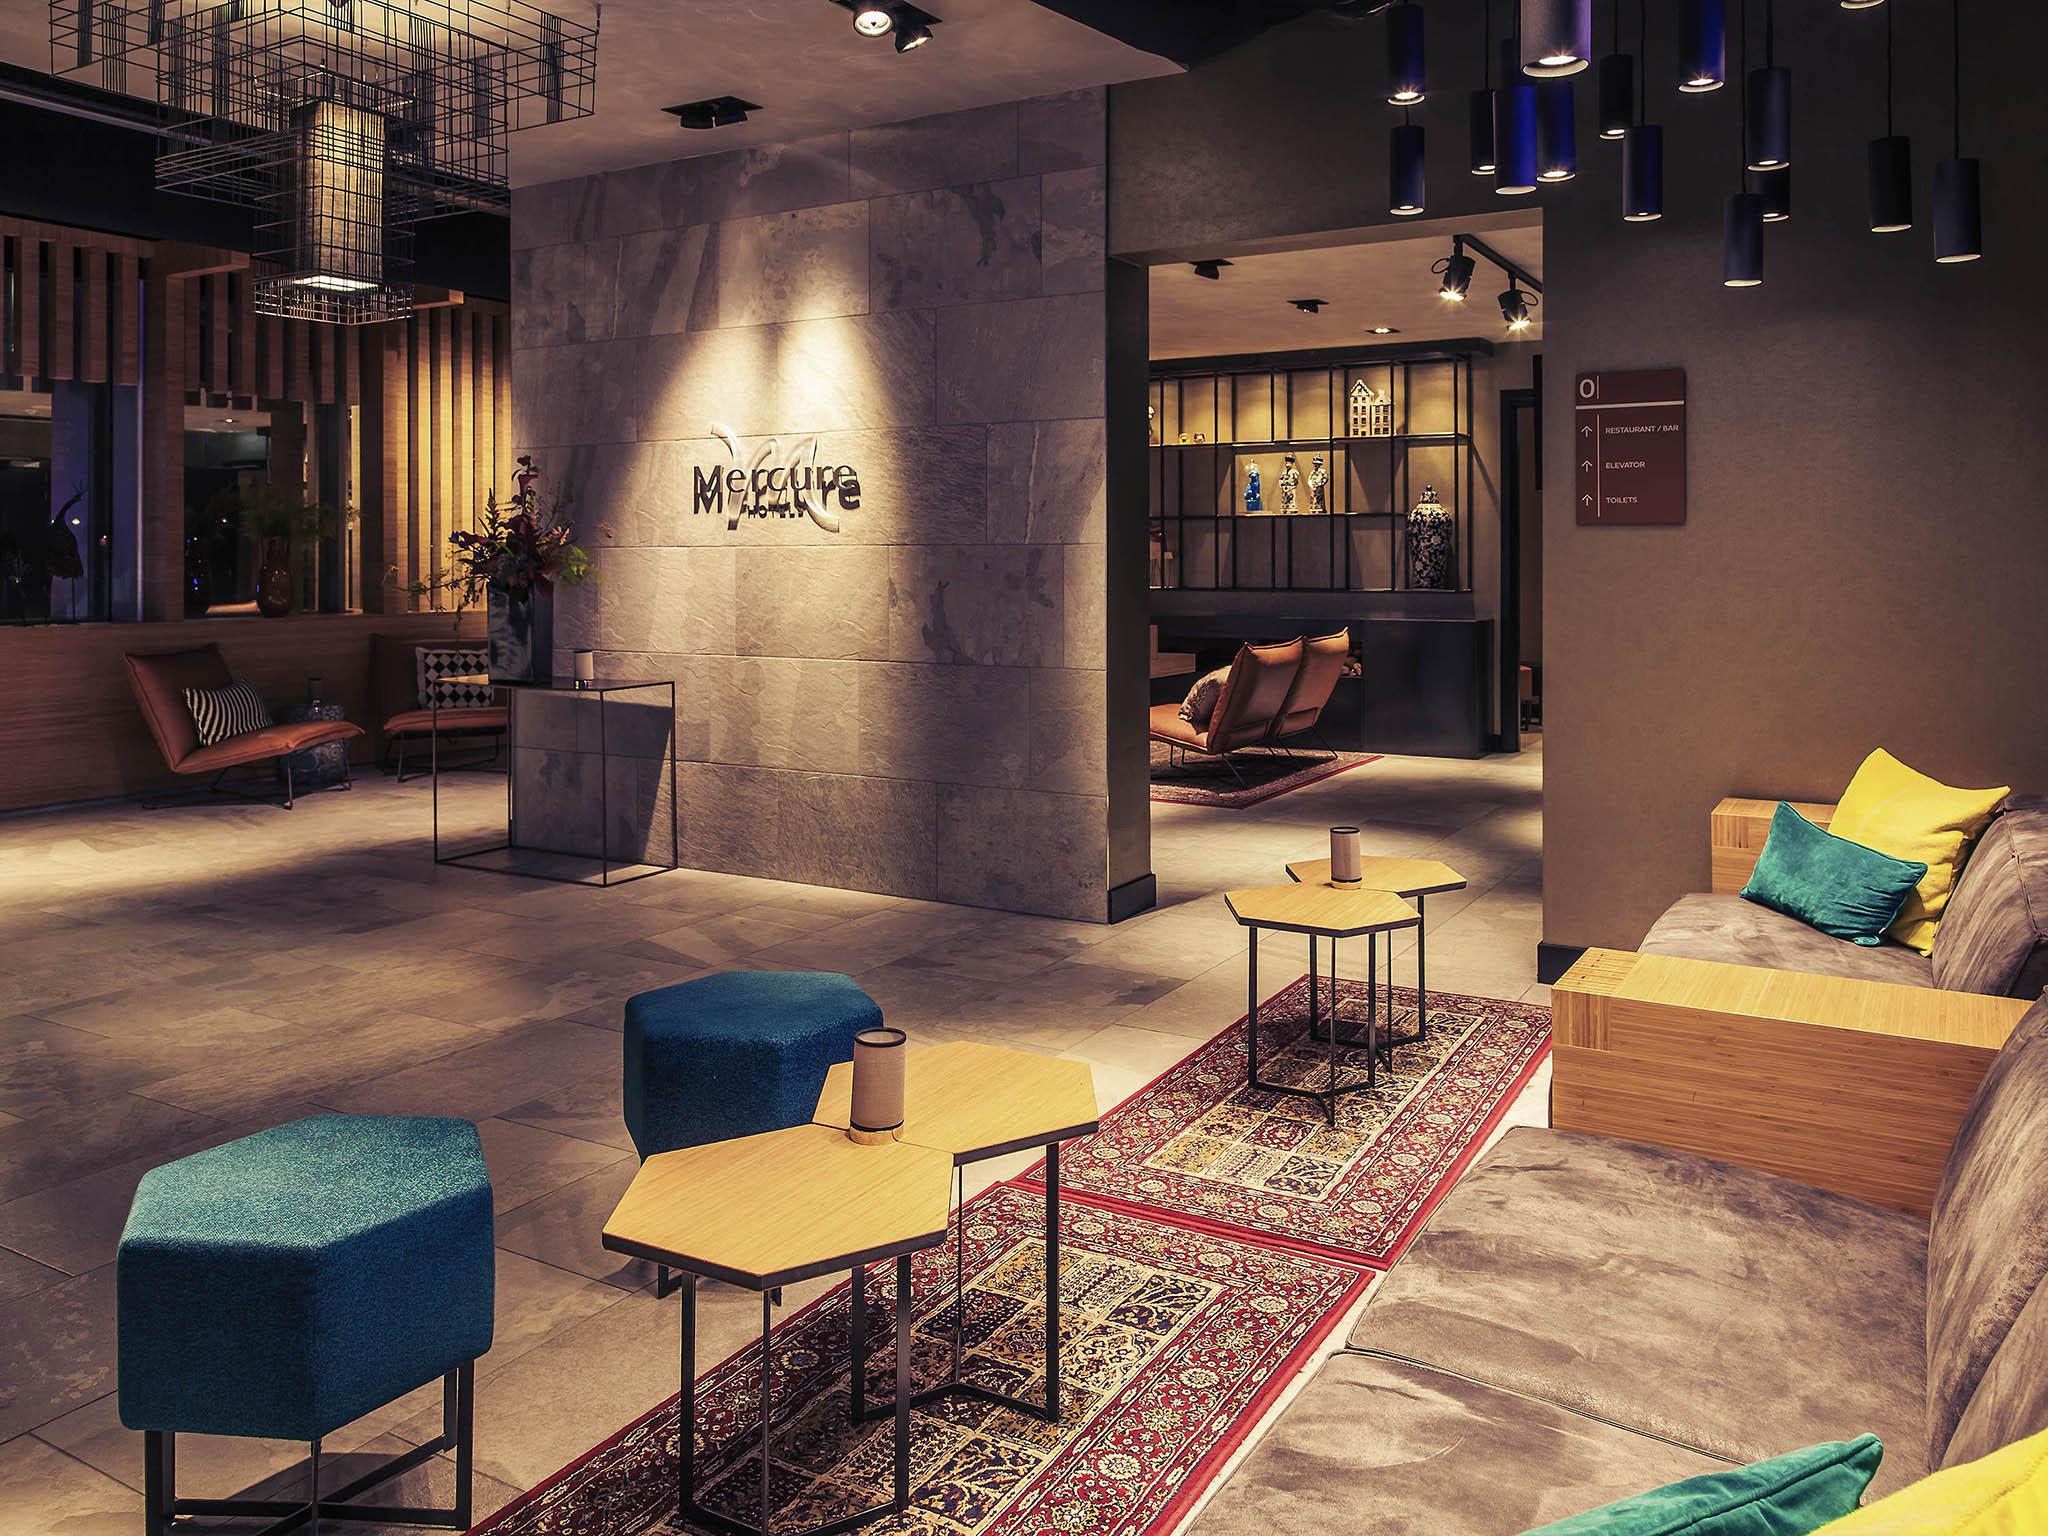 โรงแรม – โรงแรมเมอร์เคียว อัมสเตอร์ดัม สโลเทอร์ไดค์ สเตชั่น